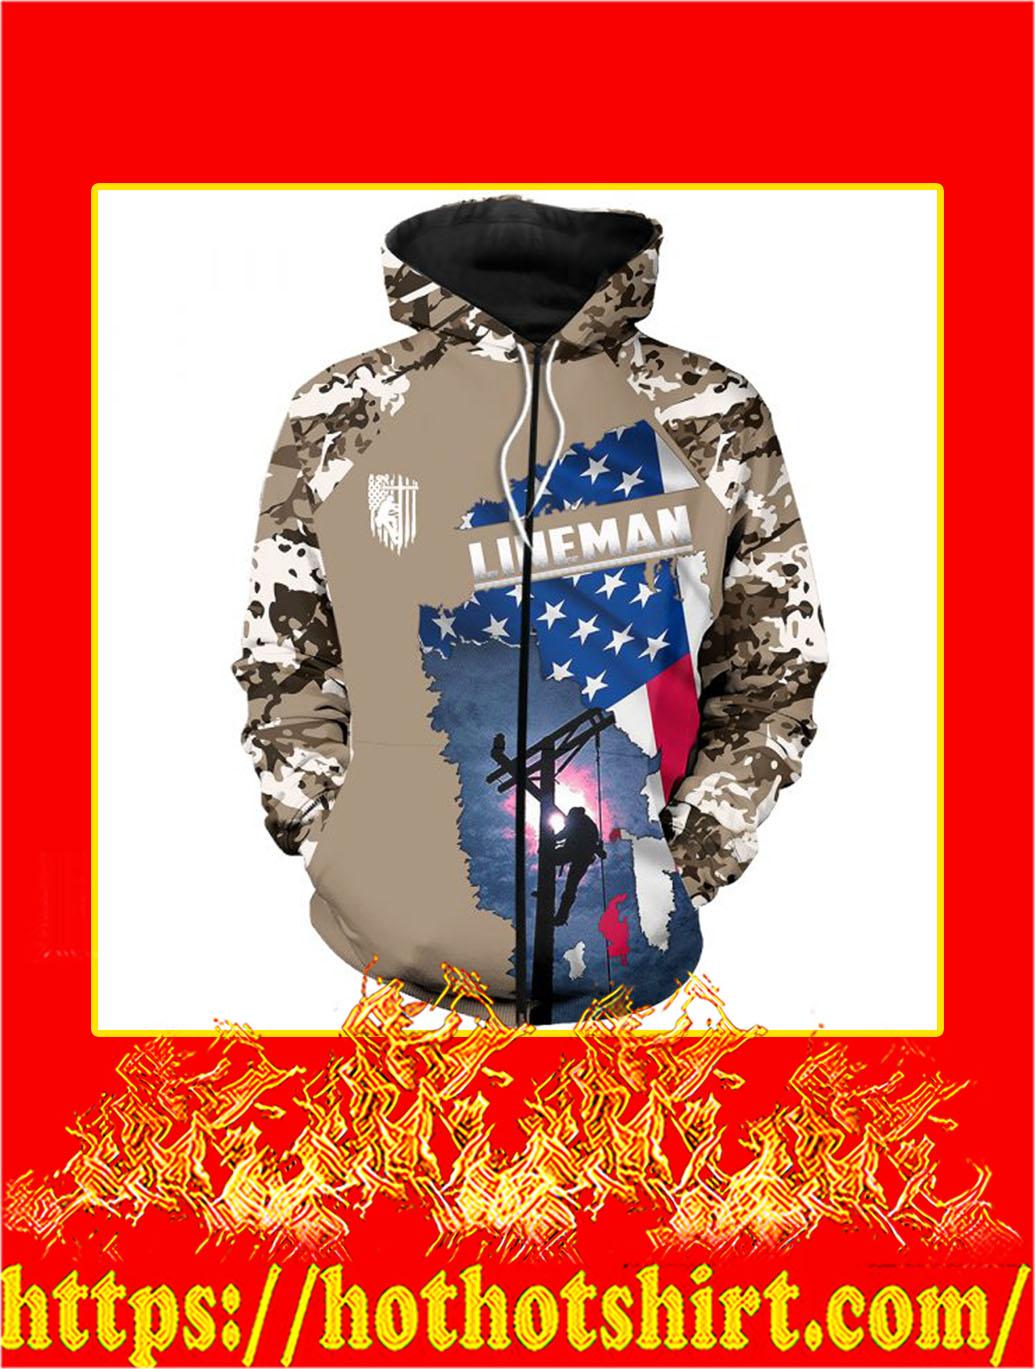 3D Printed Lineman Clothing American Flag Camo Zip Hoodie